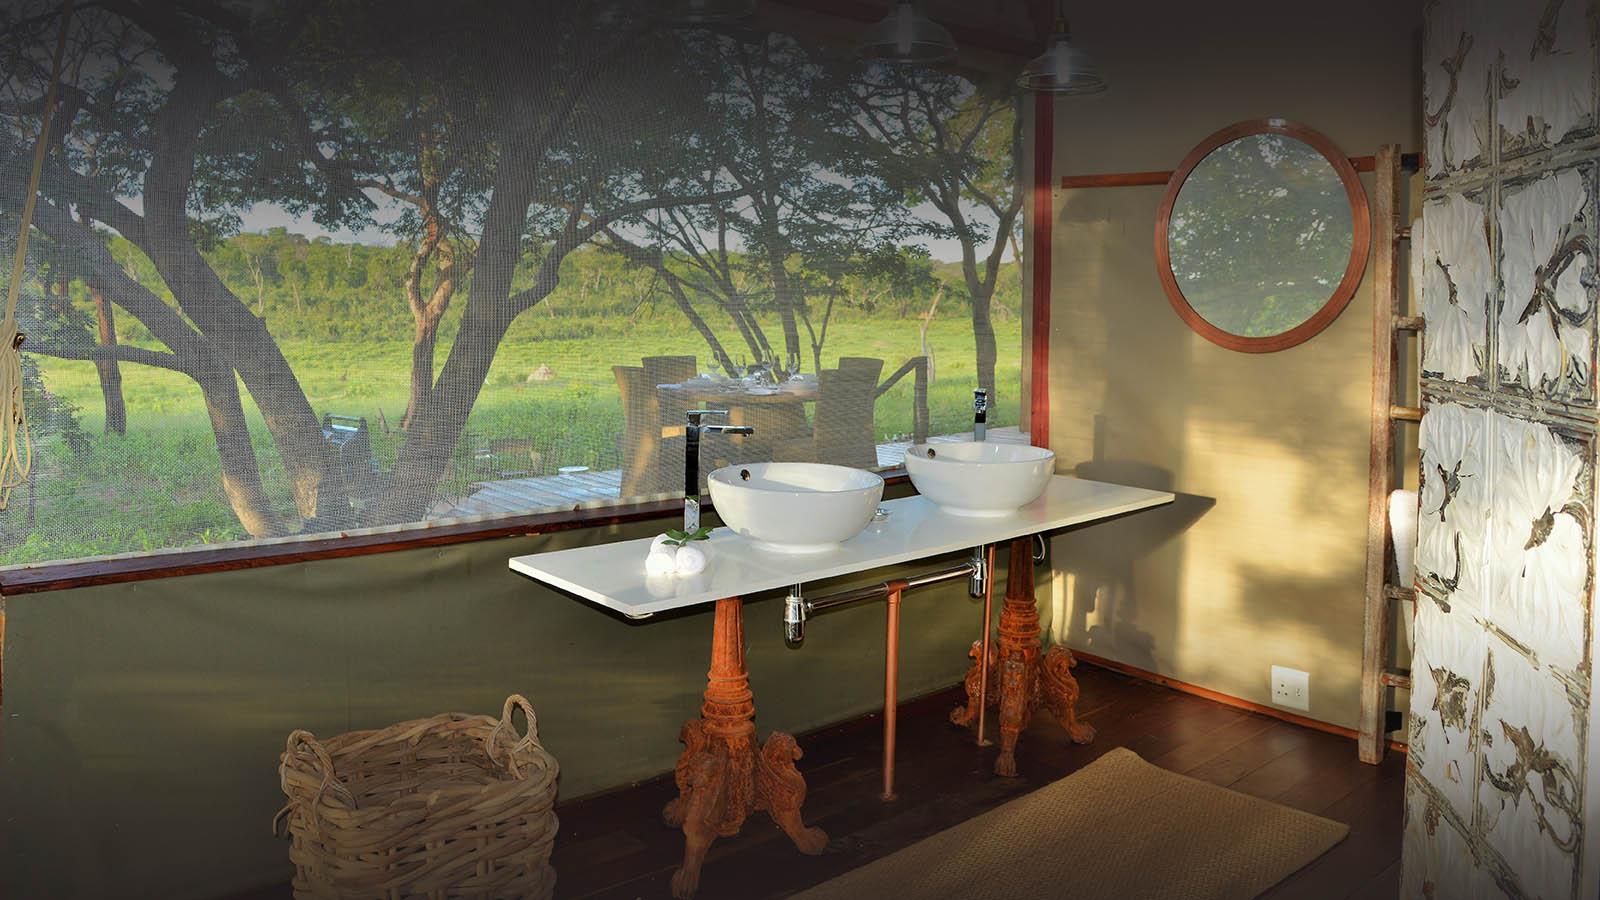 khulus retreat hwange-national-park-zimbabwe-lodges-villa-bathroom-basin